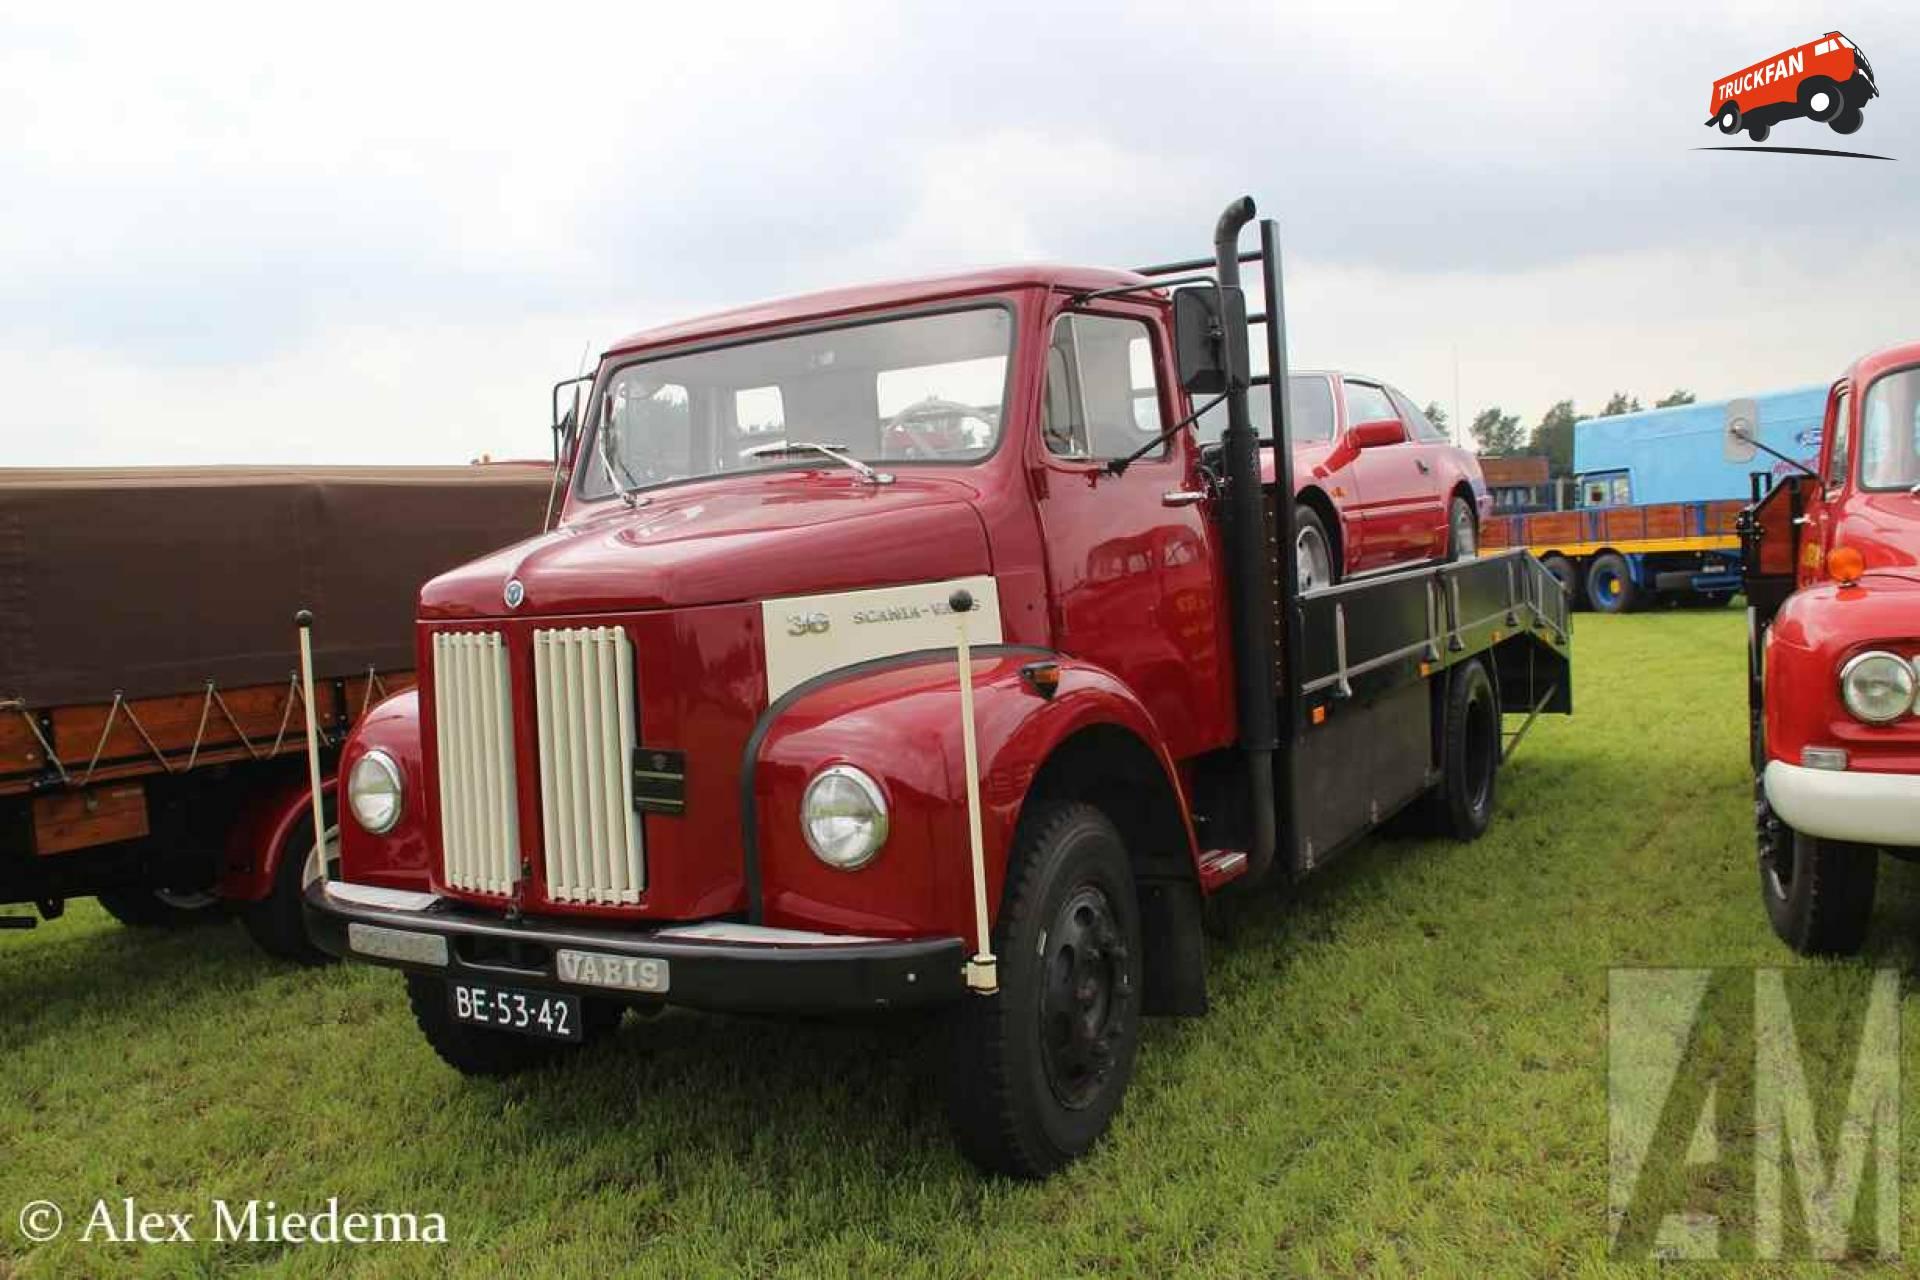 Scania-Vabis L36